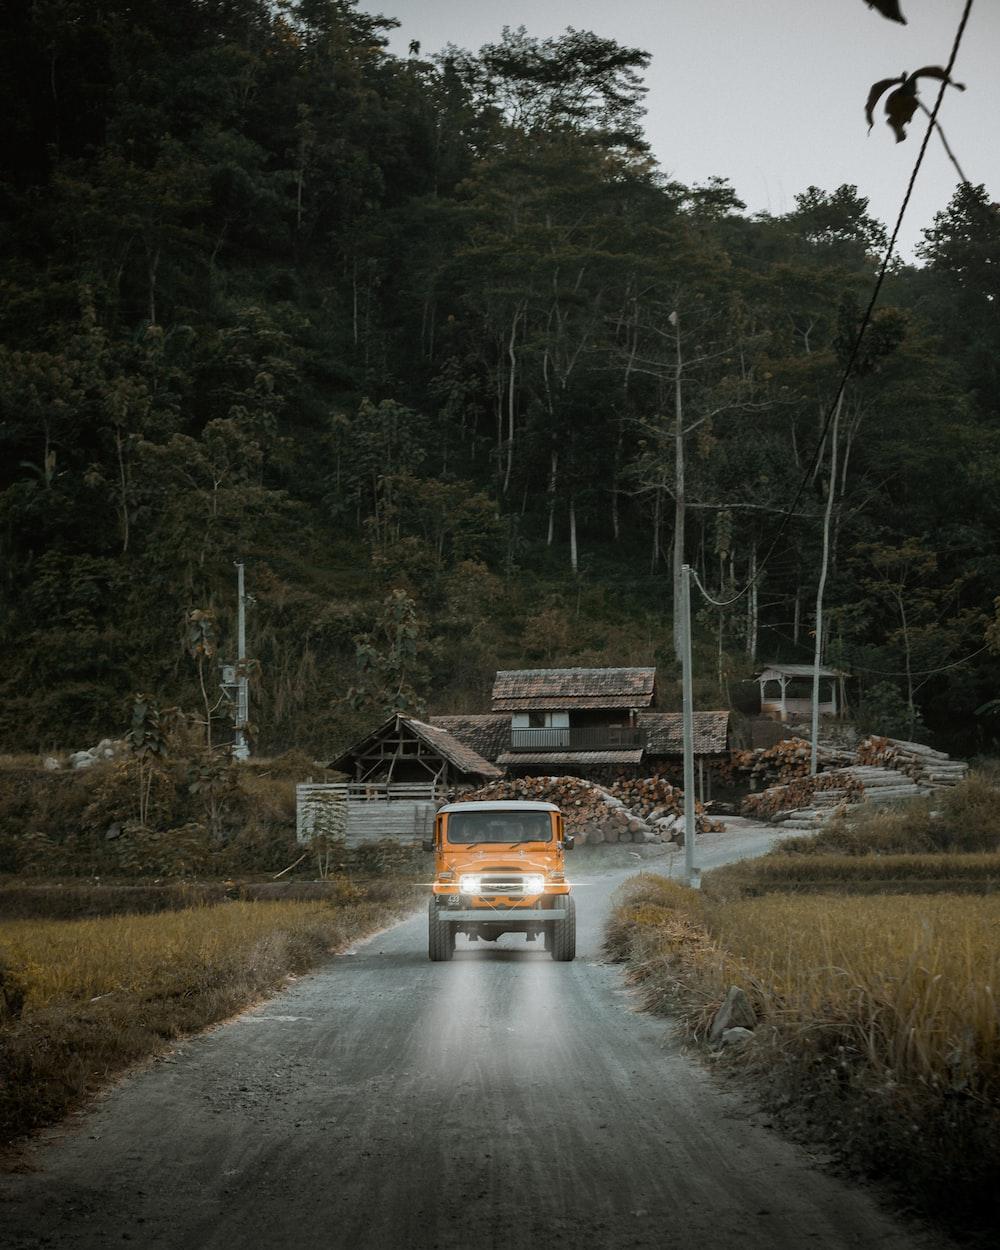 orange Jeep Wrangler on road